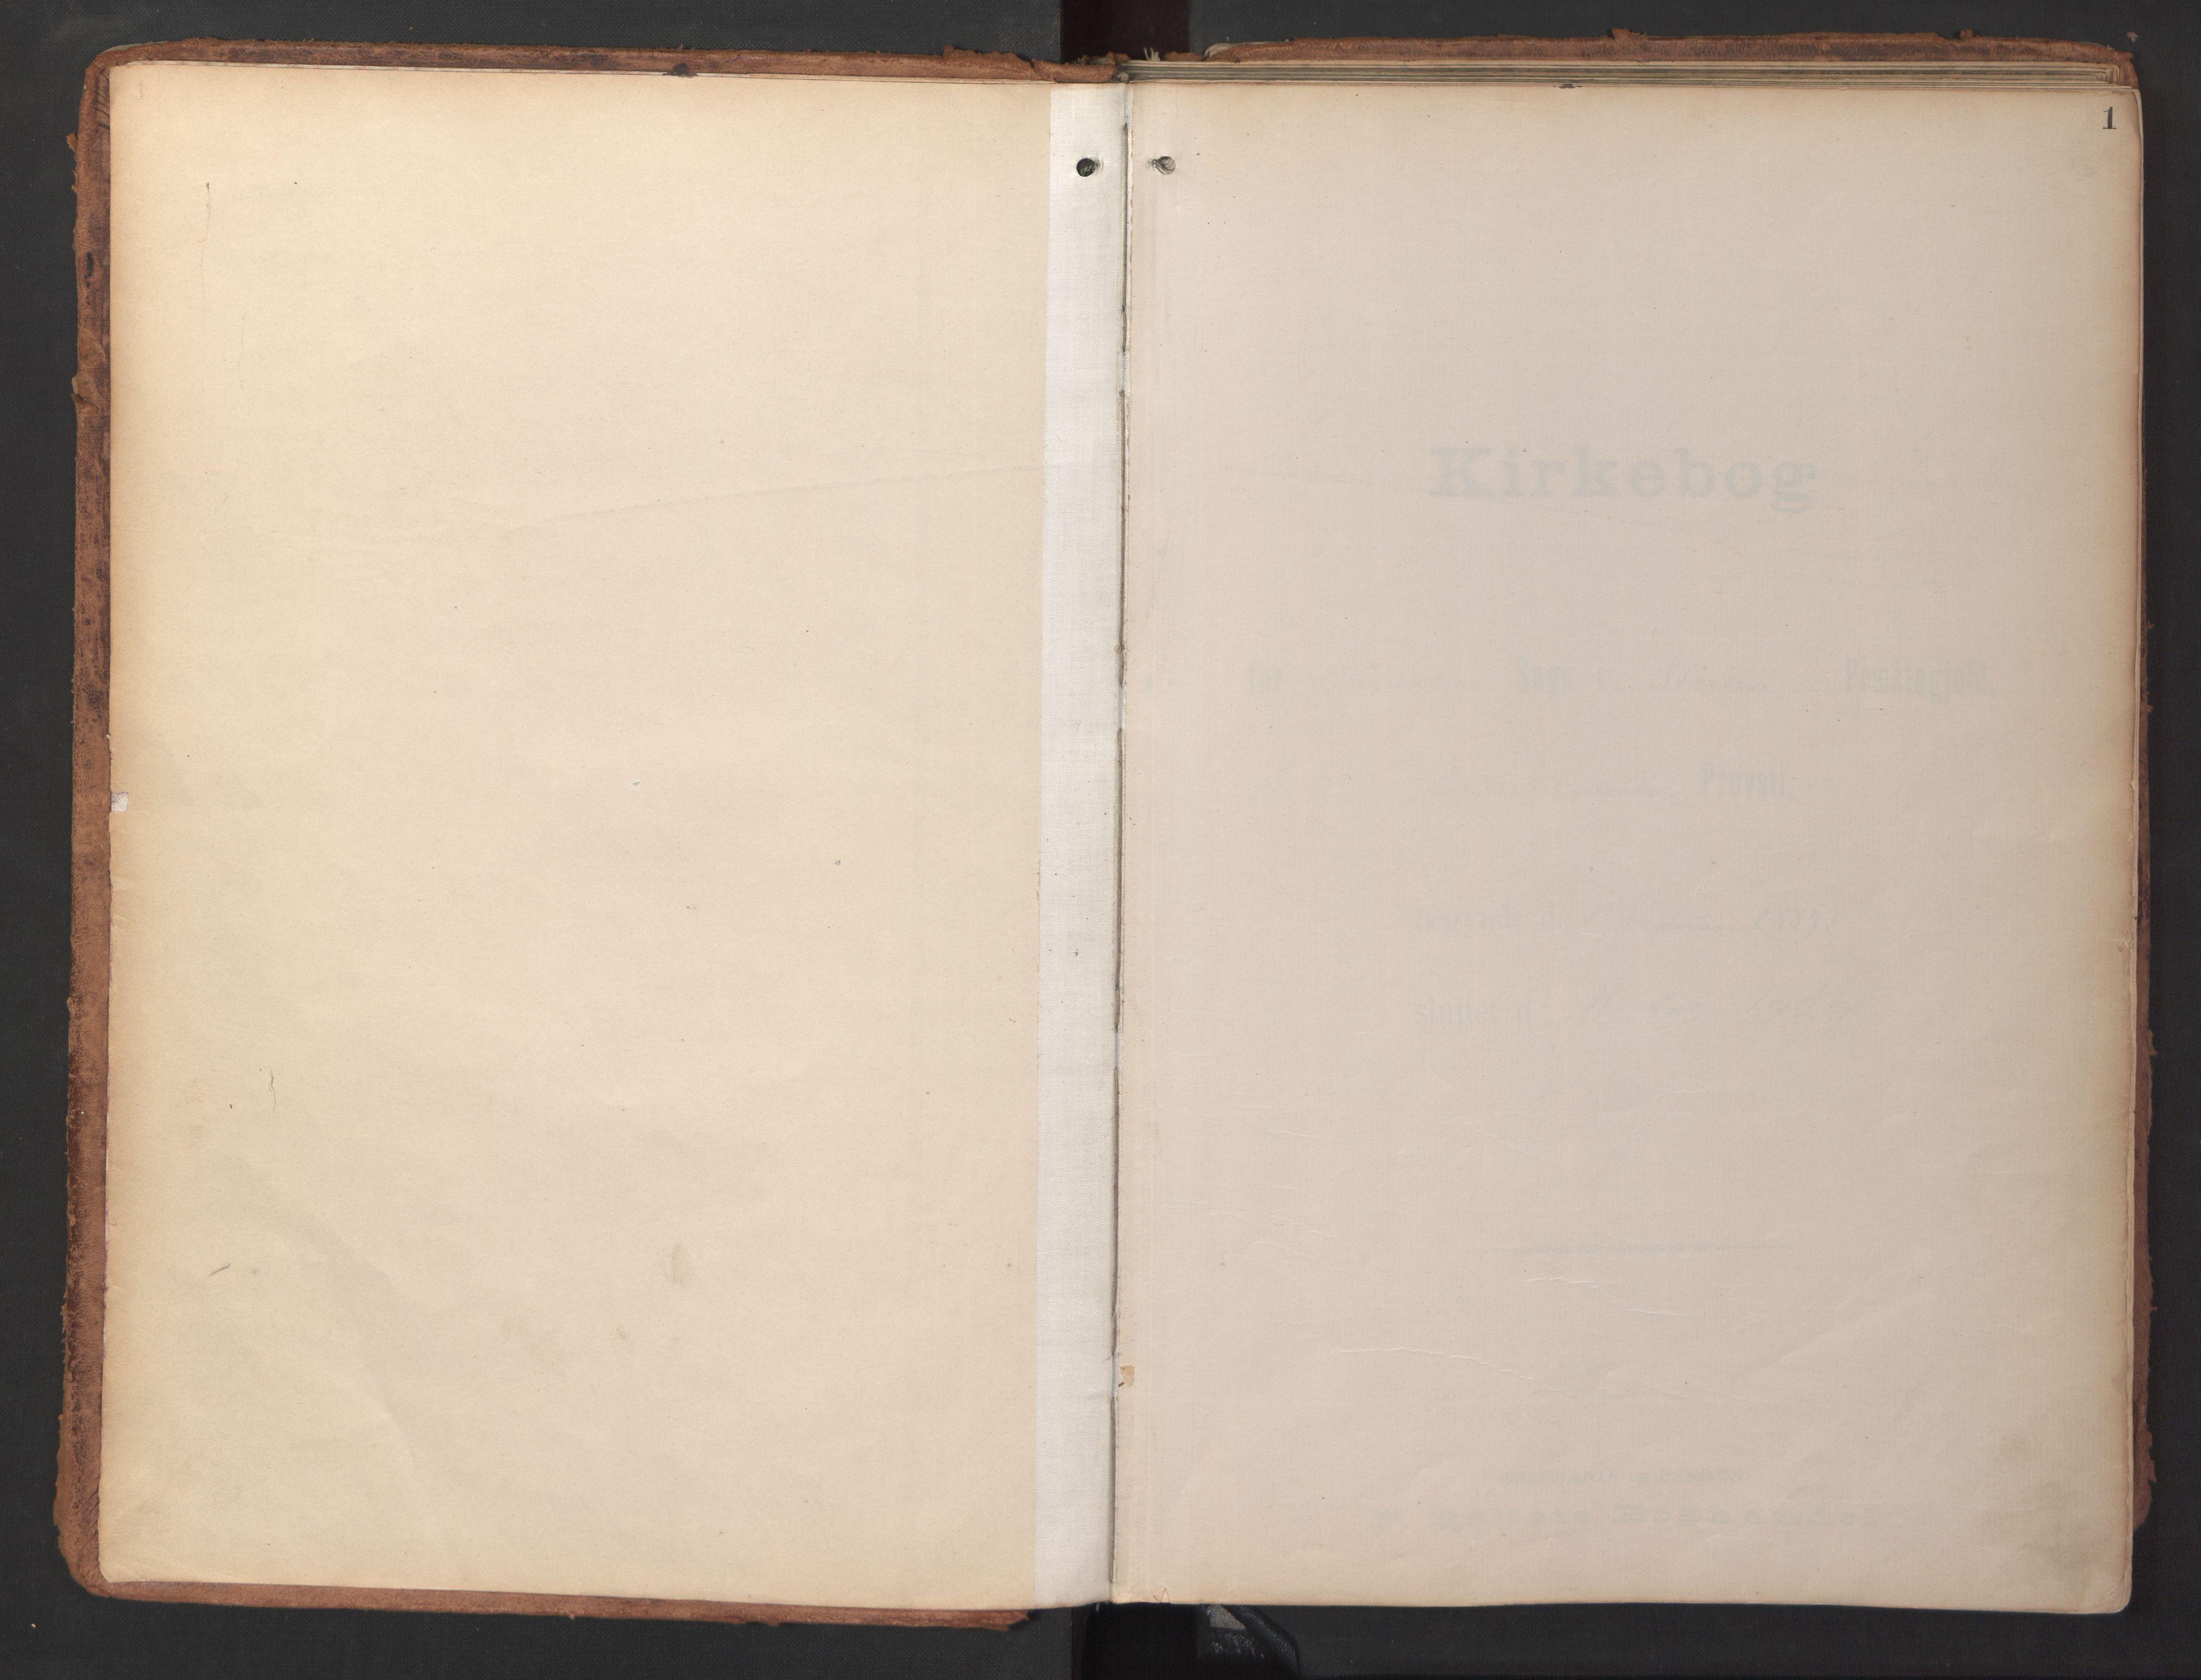 SAT, Ministerialprotokoller, klokkerbøker og fødselsregistre - Sør-Trøndelag, 690/L1050: Ministerialbok nr. 690A01, 1889-1929, s. 1